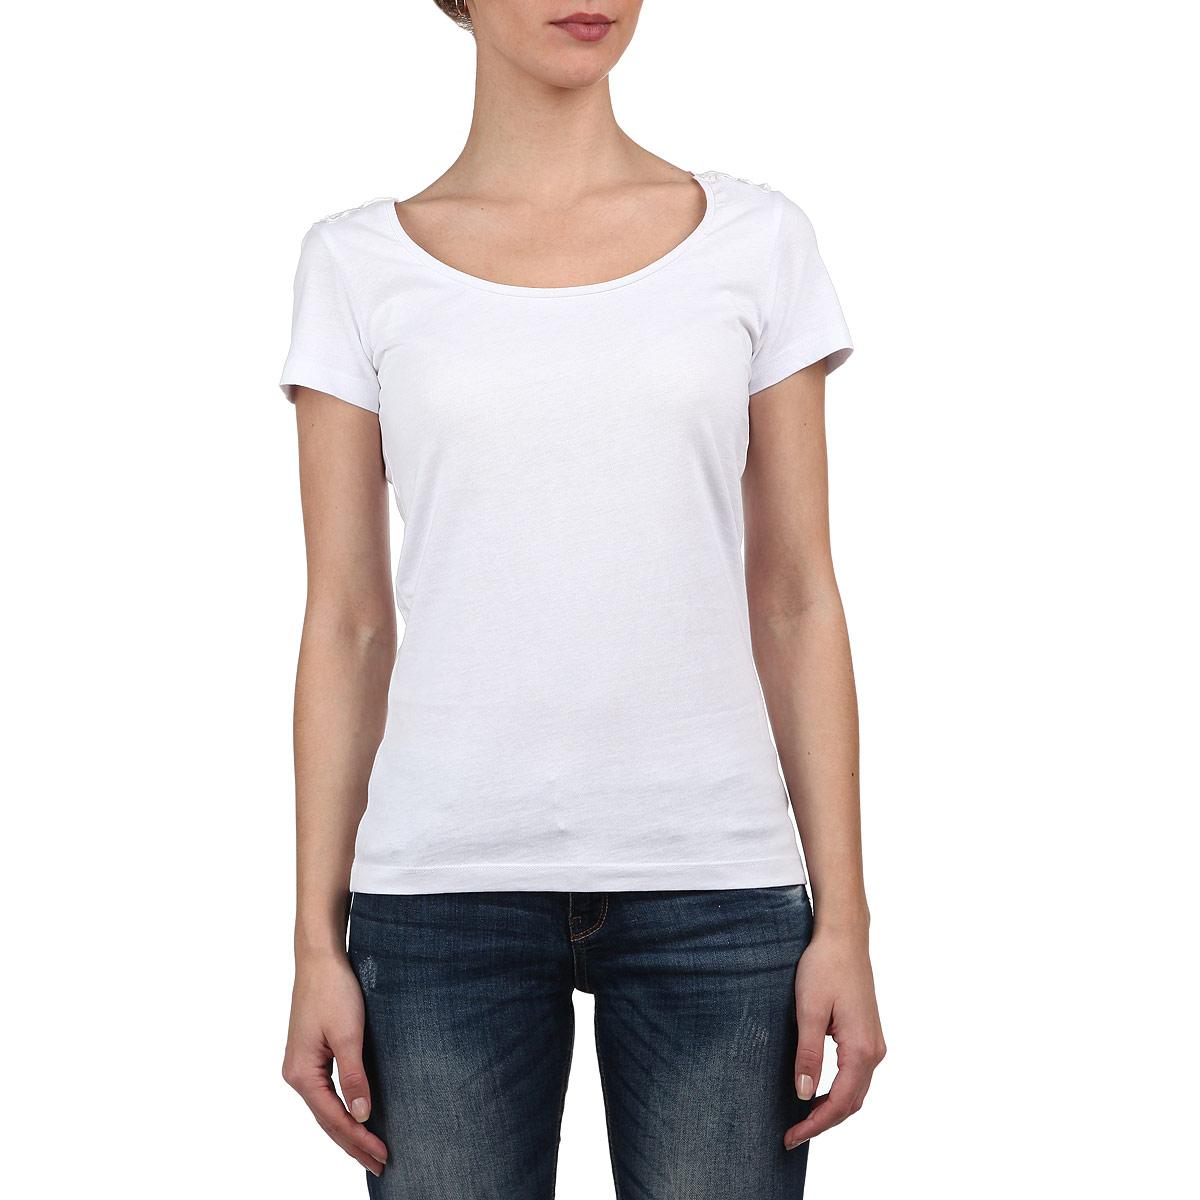 Футболка женская. Ts-111/513-5225Ts-111/513-5225Стильная женская футболка Sela, выполненная из высококачественного материала, обладает высокой теплопроводностью, воздухопроницаемостью и гигроскопичностью, позволяет коже дышать. Модель с короткими рукавами и круглым вырезом - идеальный вариант для создания образа в стиле Casual. Однотонная футболка великолепно сочетается с любыми нарядами. Спинка футболки оформлена изящной кружевной вставкой. Такая модель подарит вам комфорт в течение всего дня и послужит замечательным дополнением к вашему гардеробу.